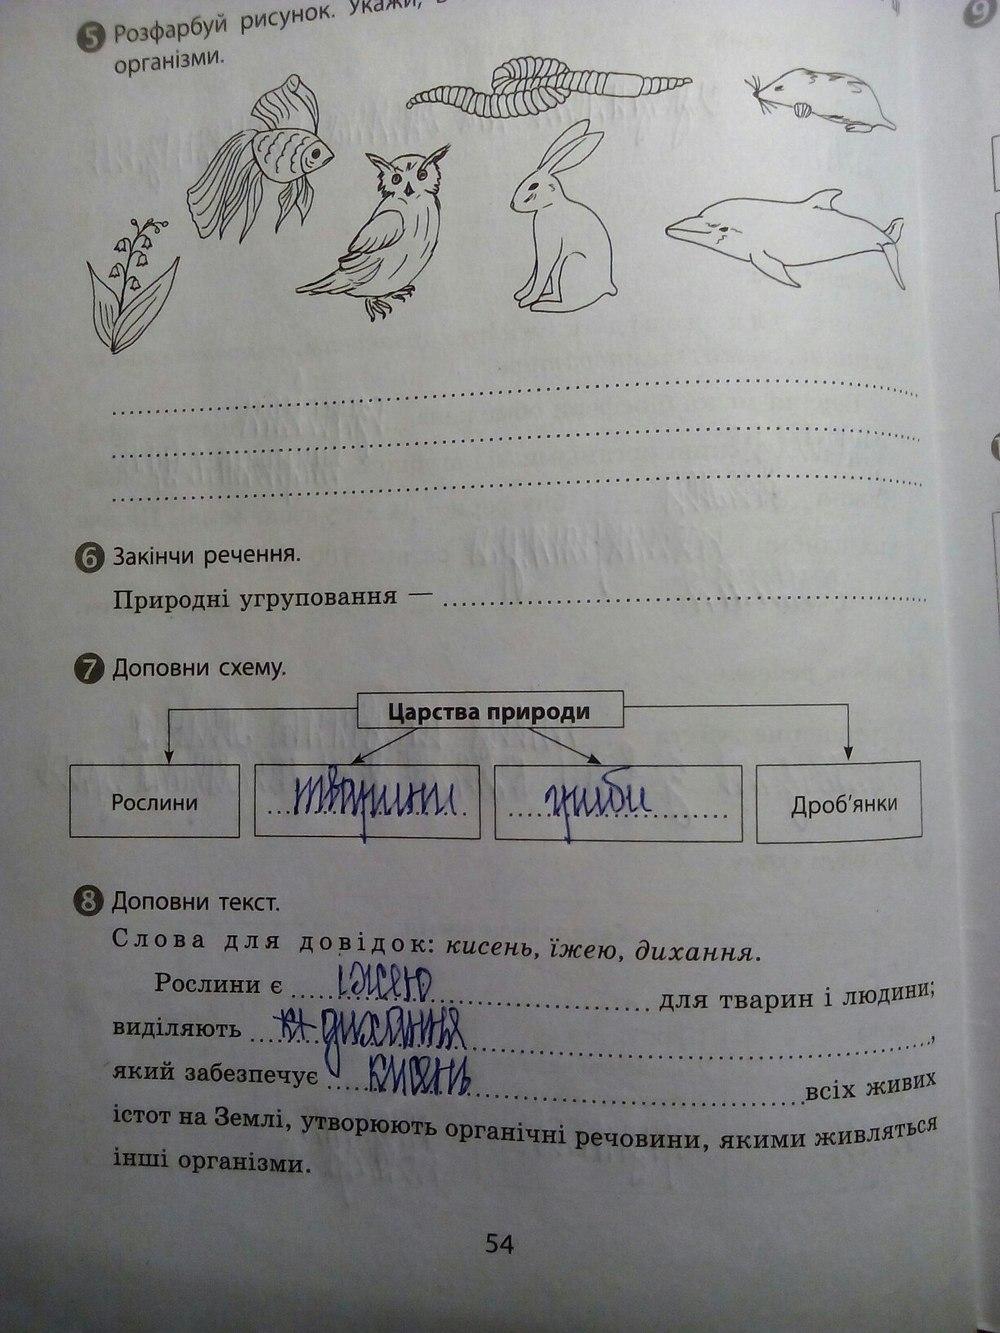 ГДЗ відповіді робочий зошит по биологии 5 класс. Задание: стр. 54